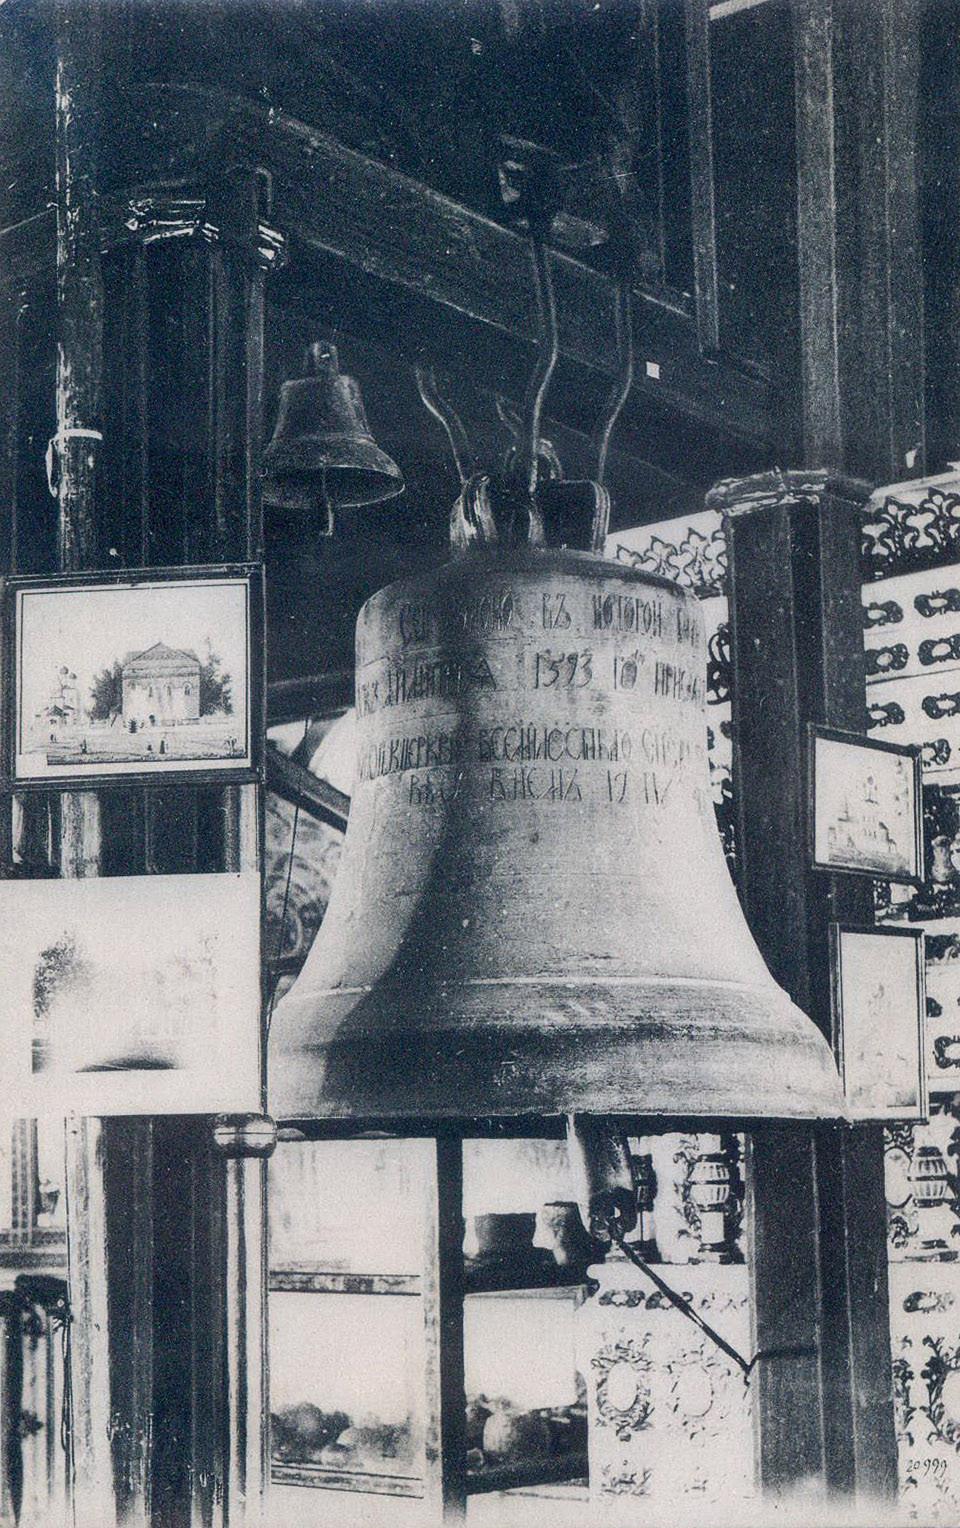 Угличский колокол. Открытка изд. М.В.Дружкова